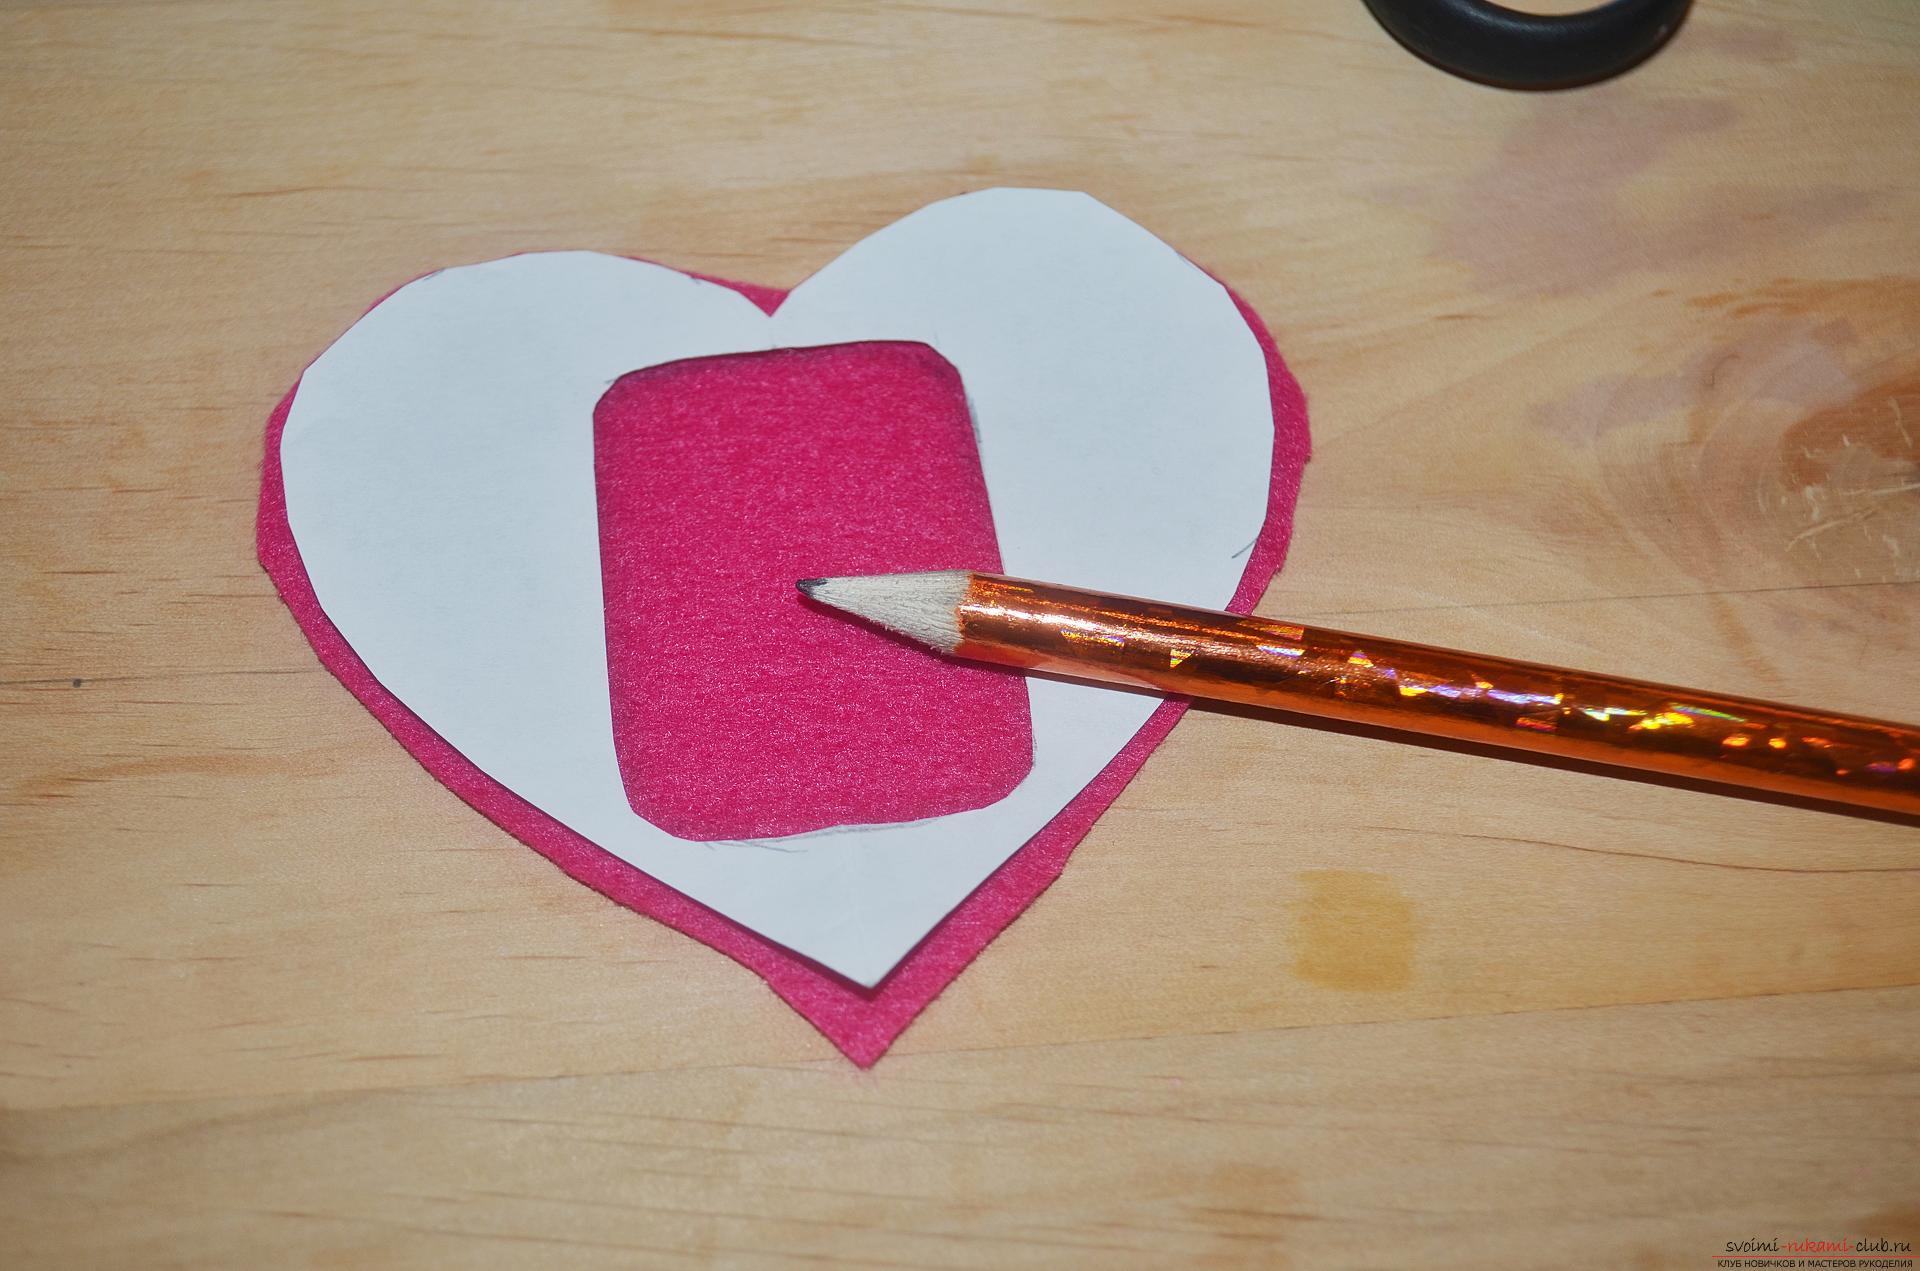 Этот мастер-класс научит как сделать своими руками красивую валентинку из фетра